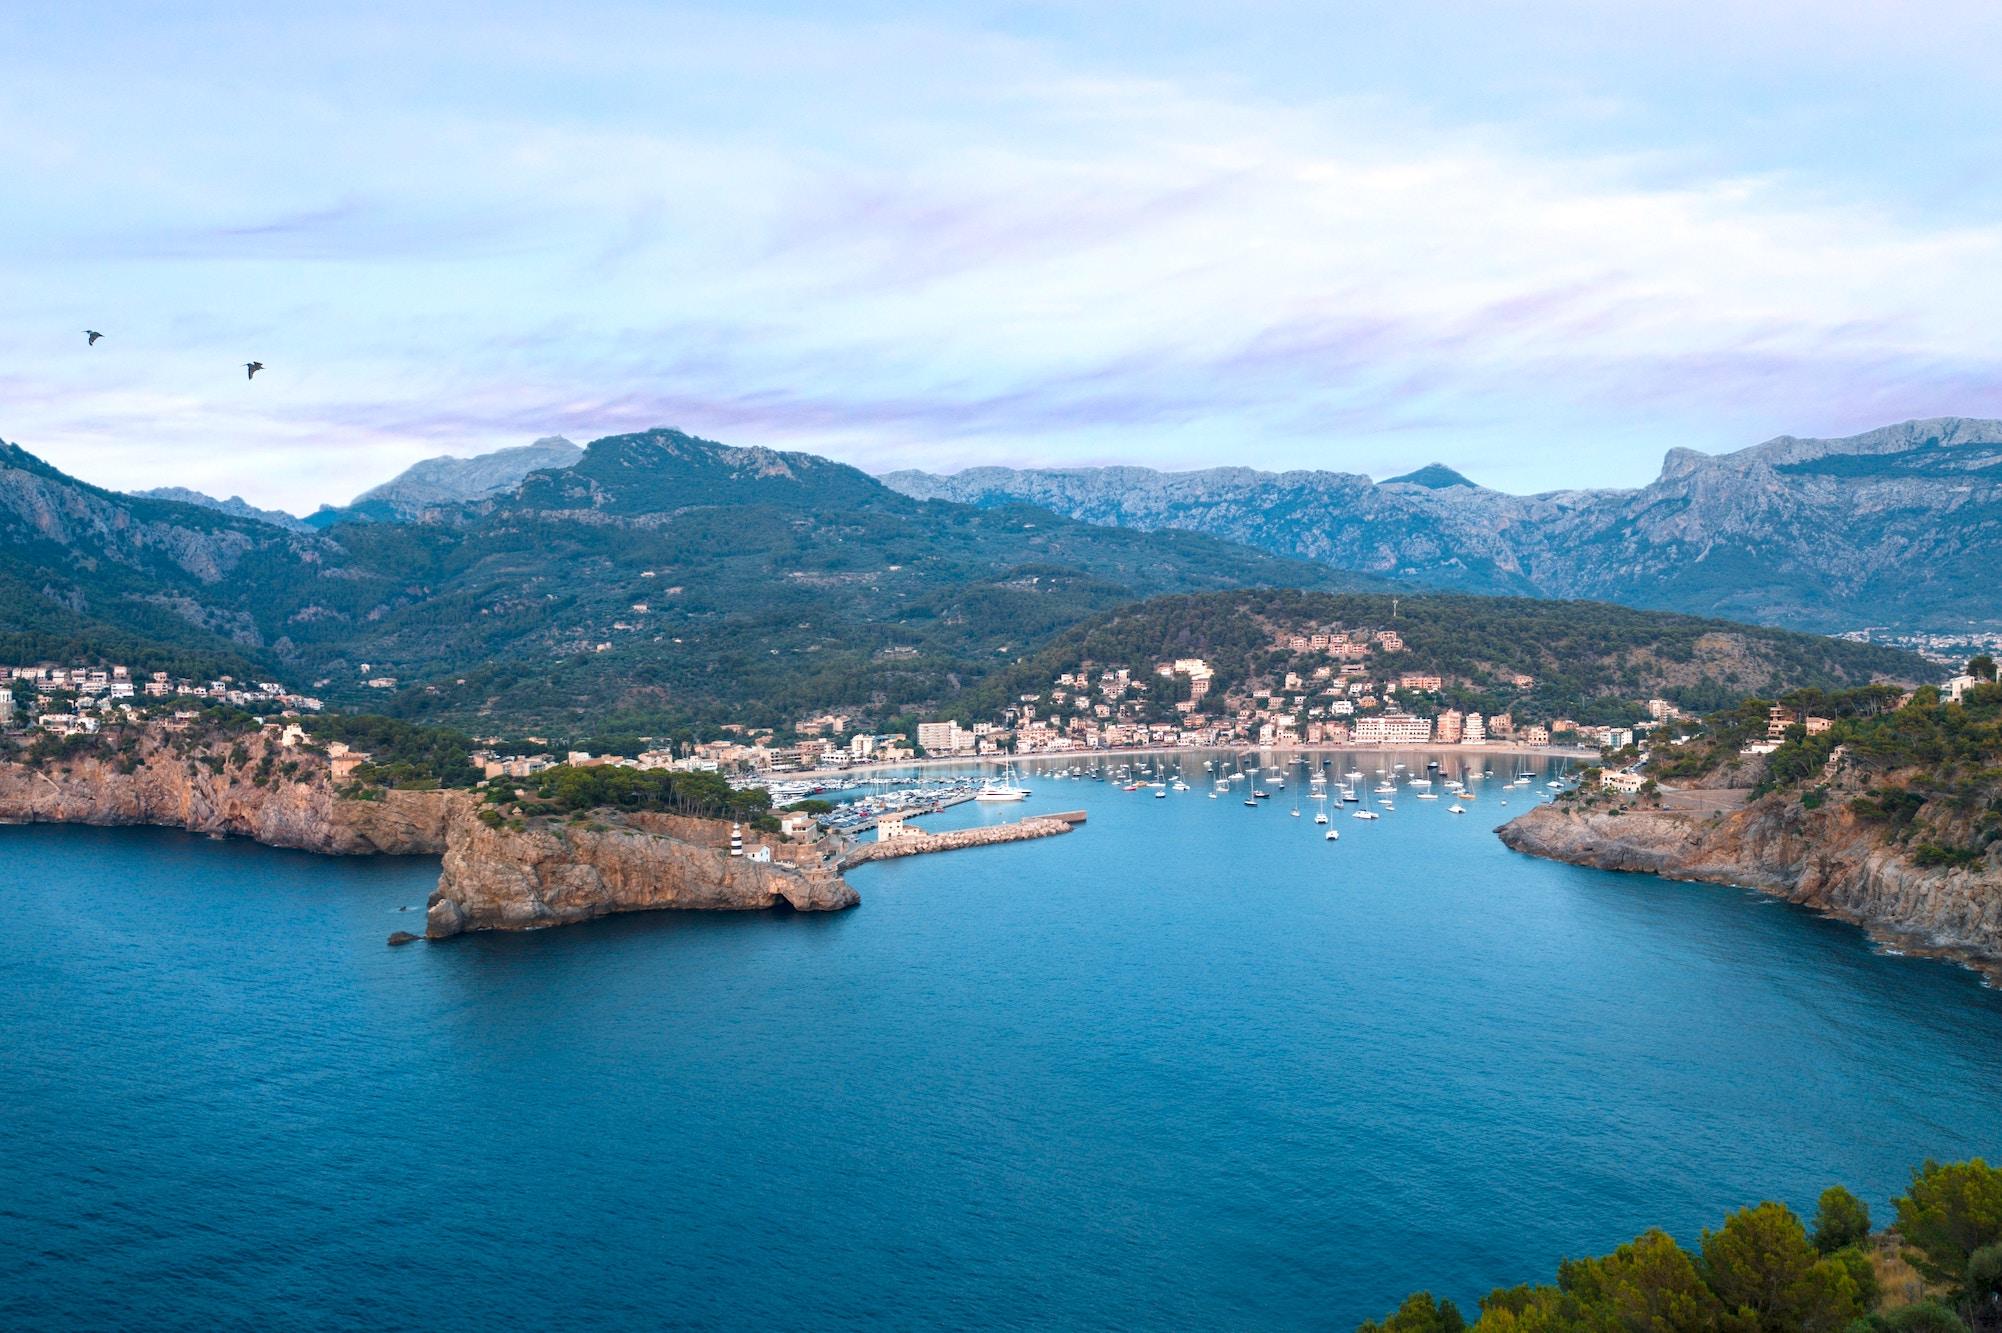 Port_in_Mallorca